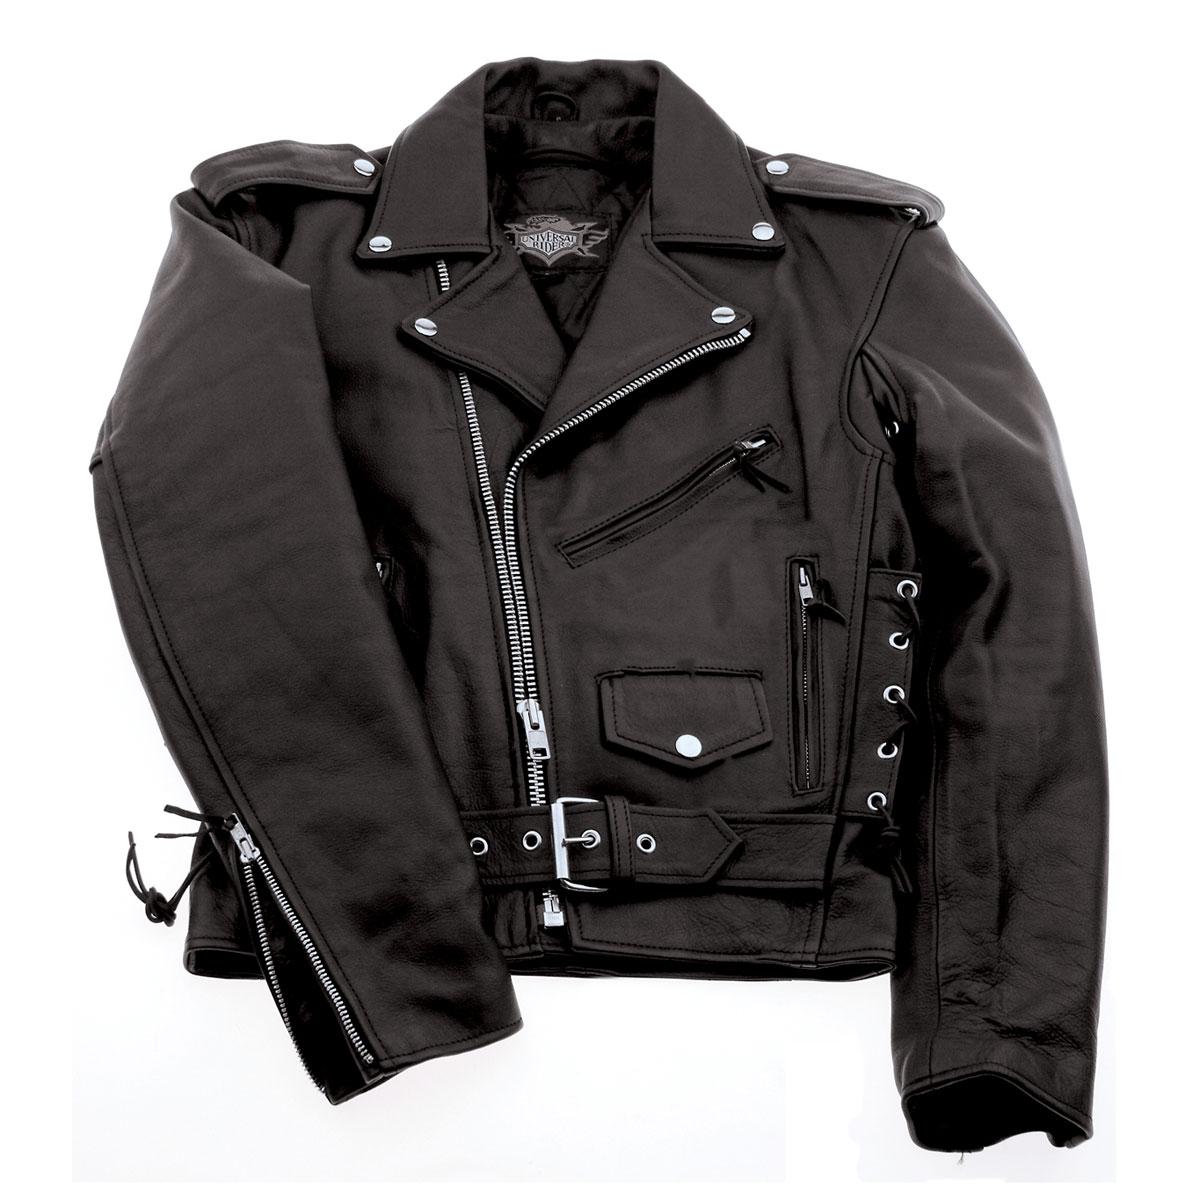 Interstate Leather Men's Ryder Black Leather Jacket